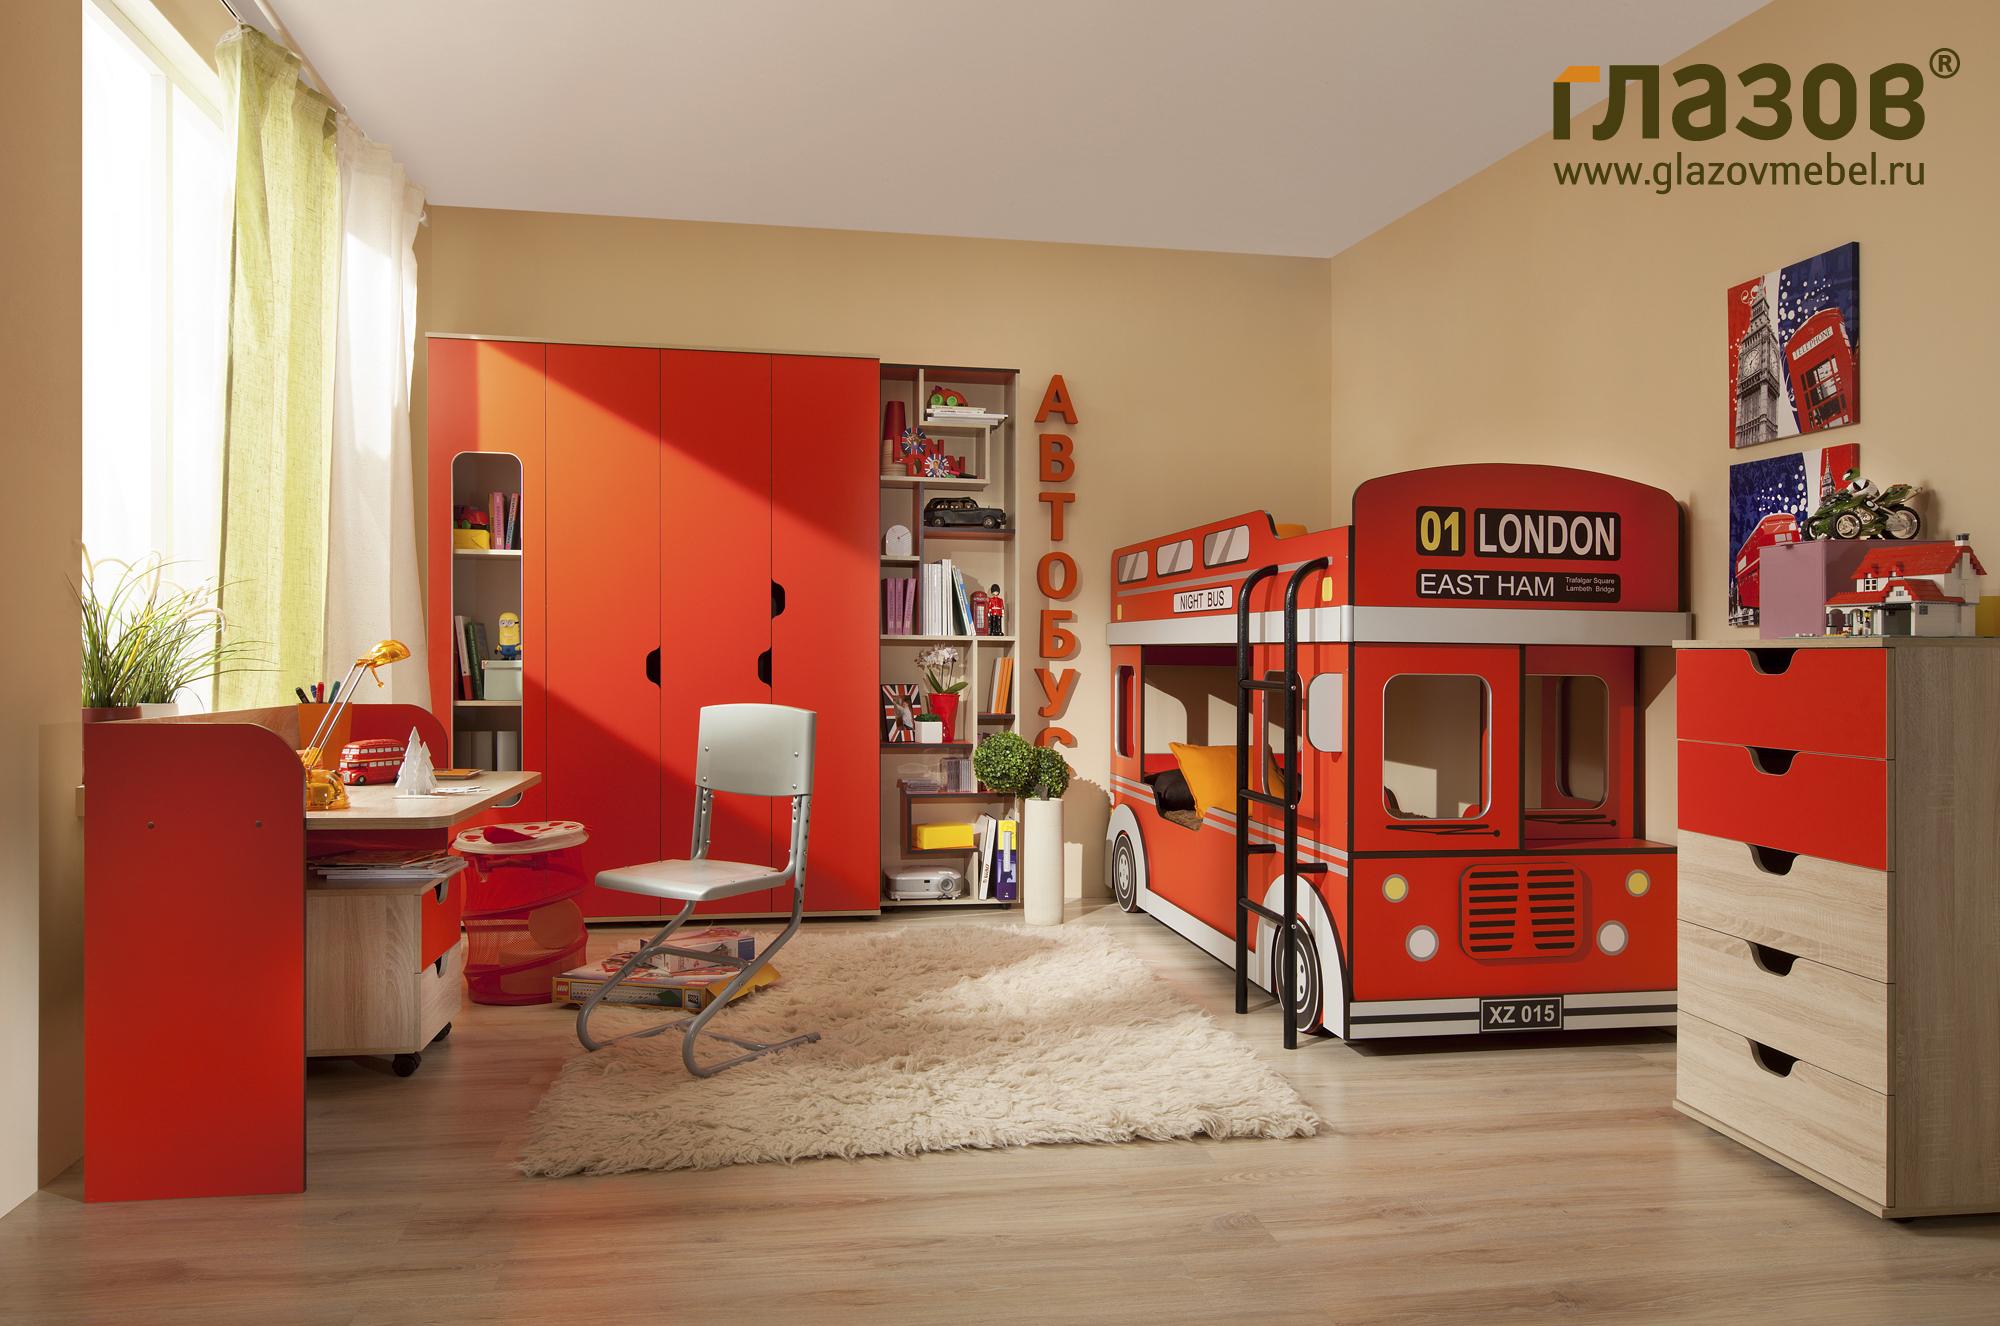 Мебель для детской комнаты глазов автобус 1. купите в mebhom.